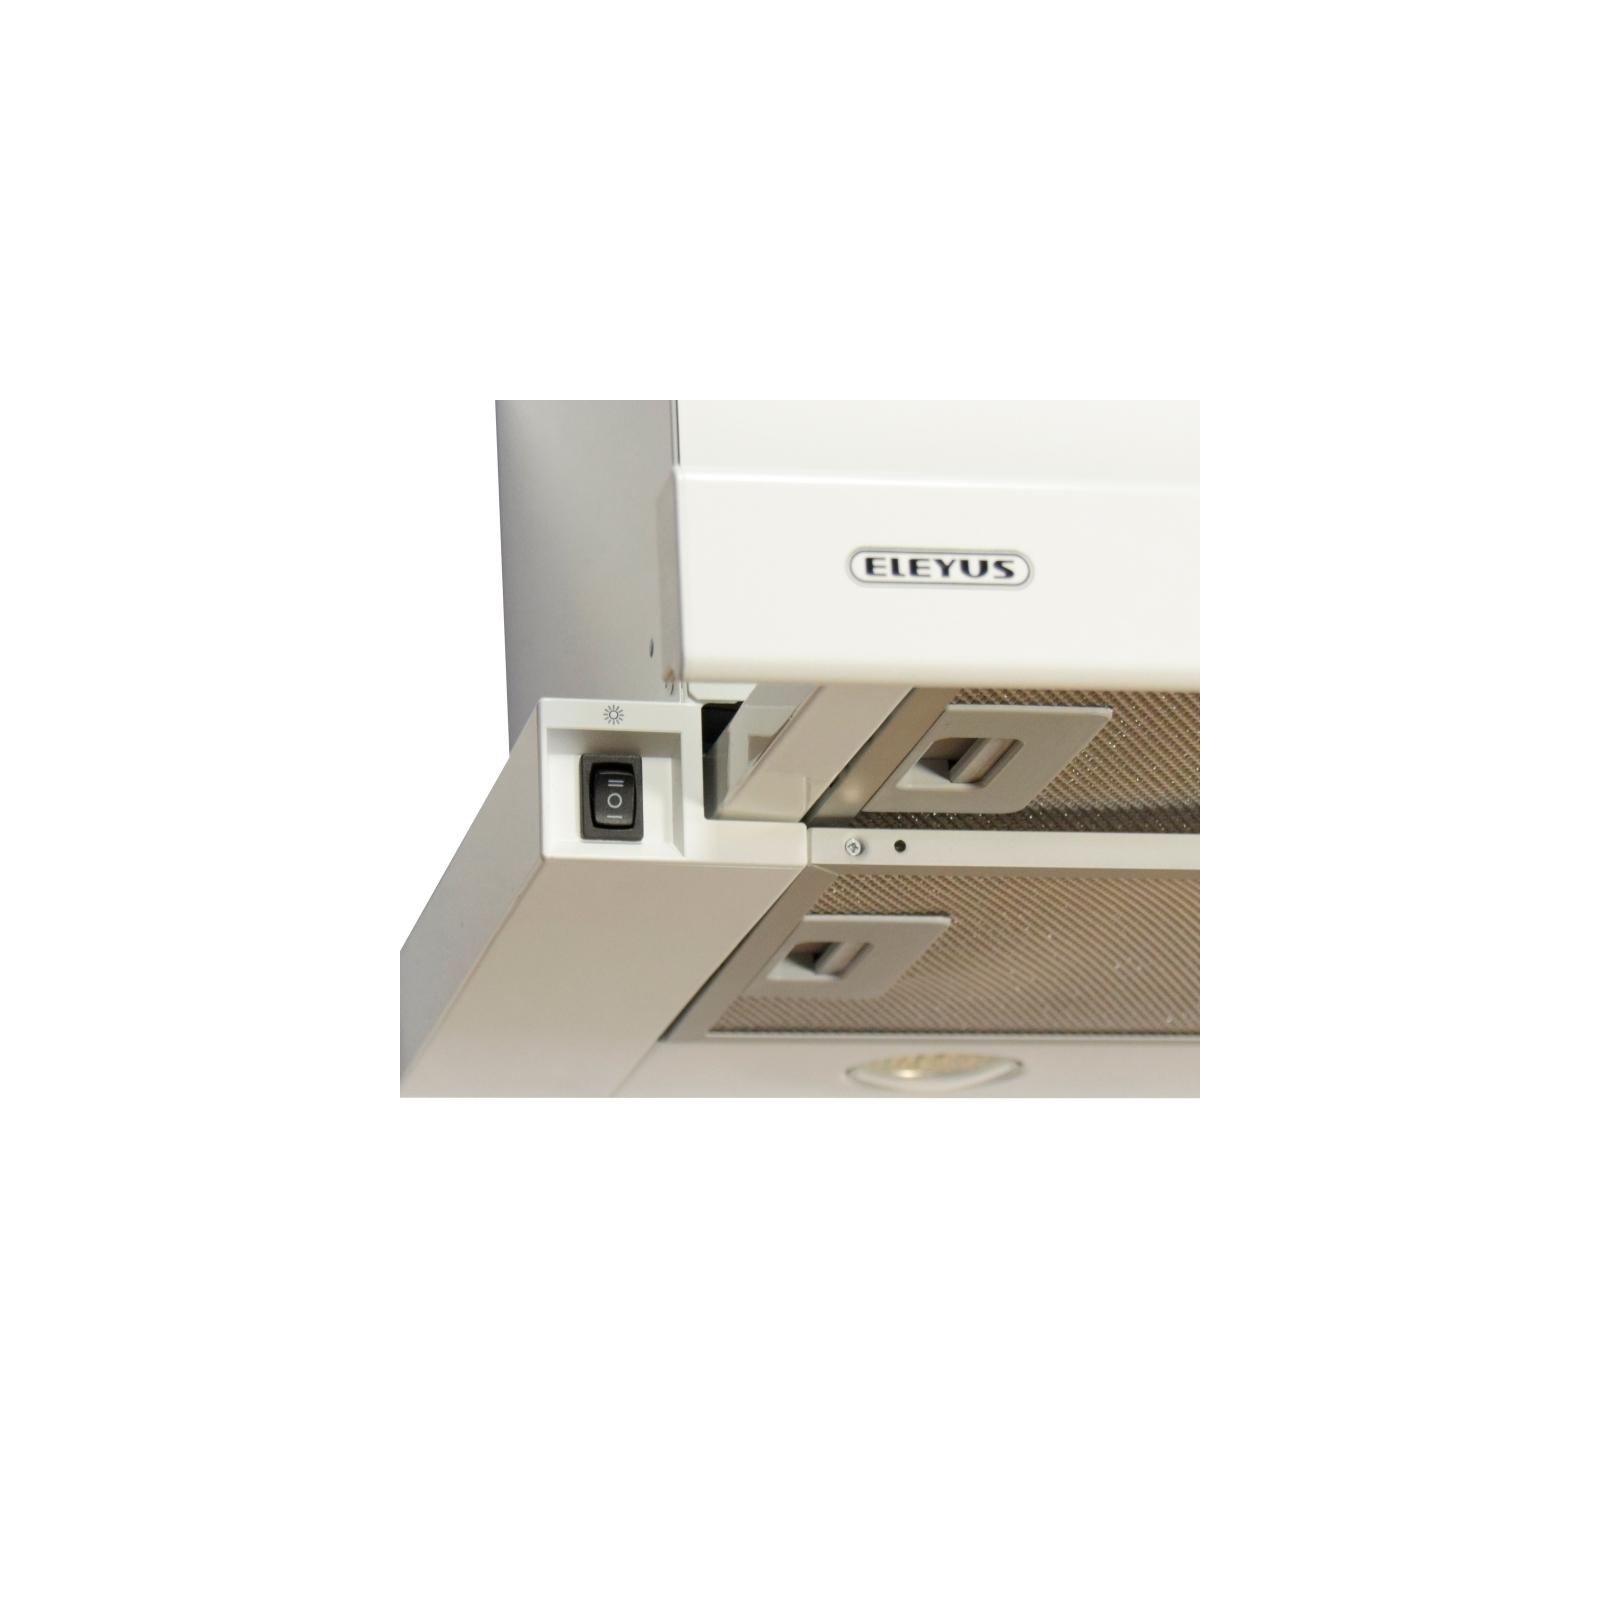 Вытяжка кухонная ELEYUS Storm 1200 LED 60 WH изображение 7